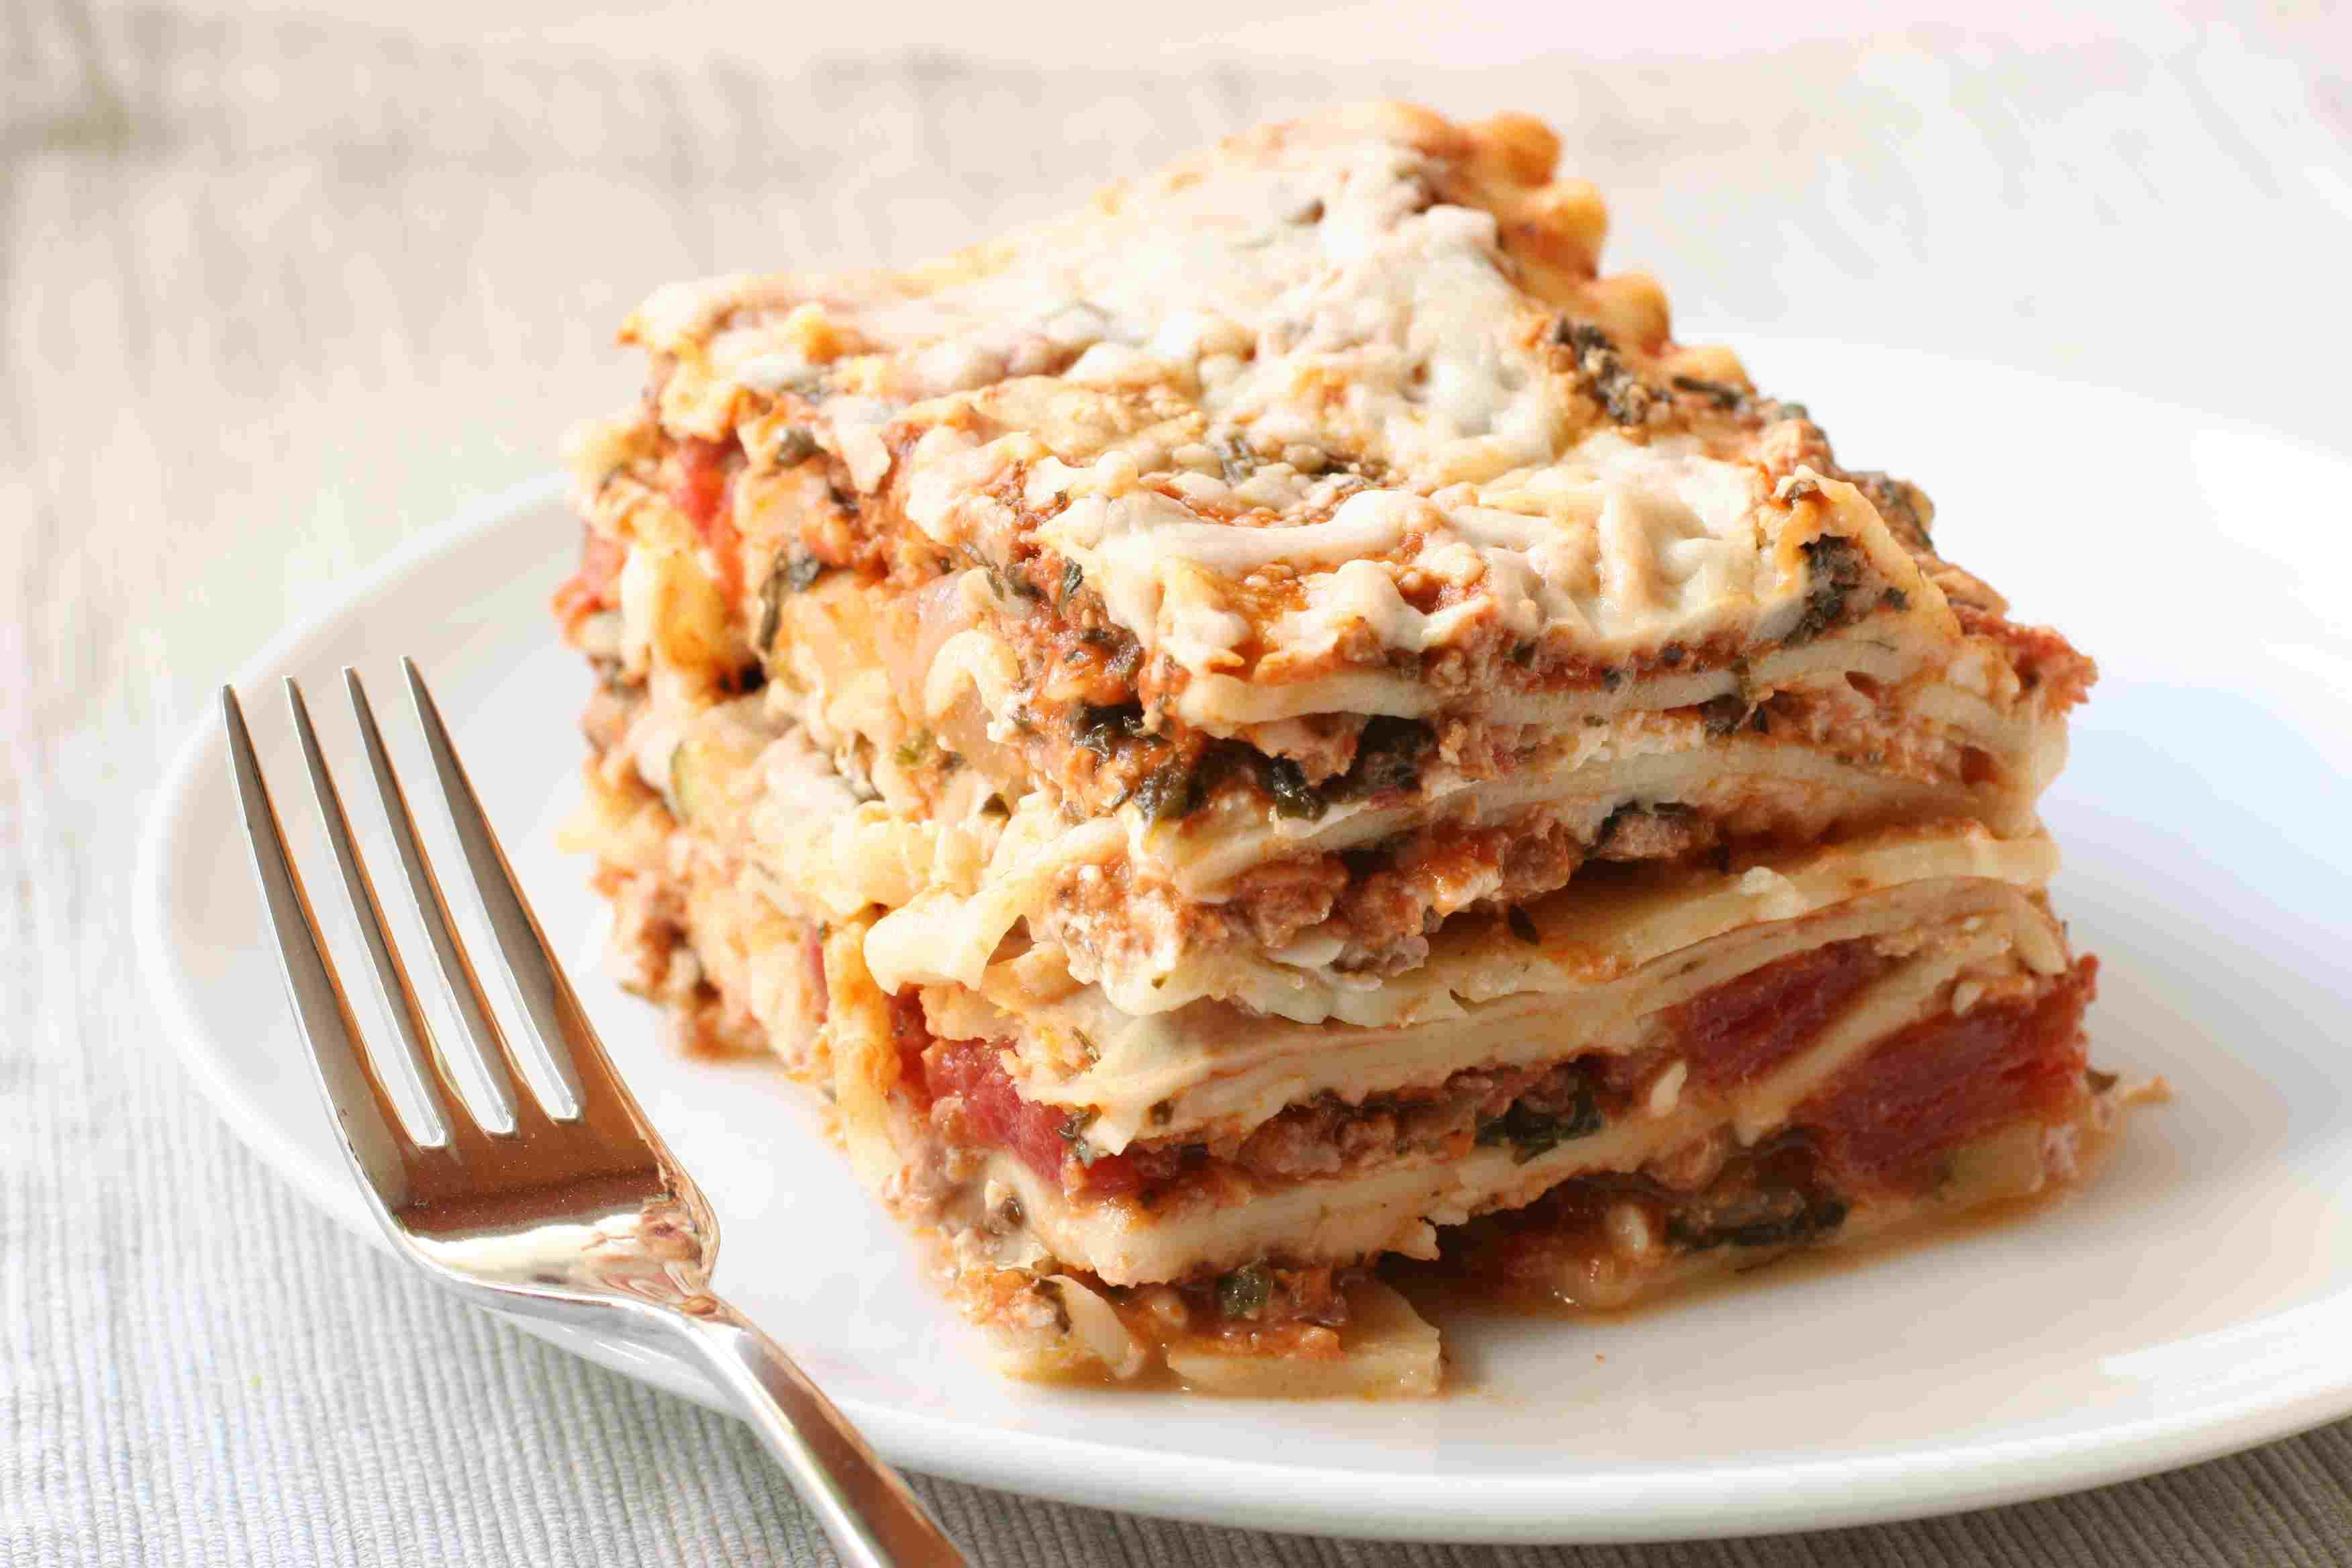 Many layers of lasagna